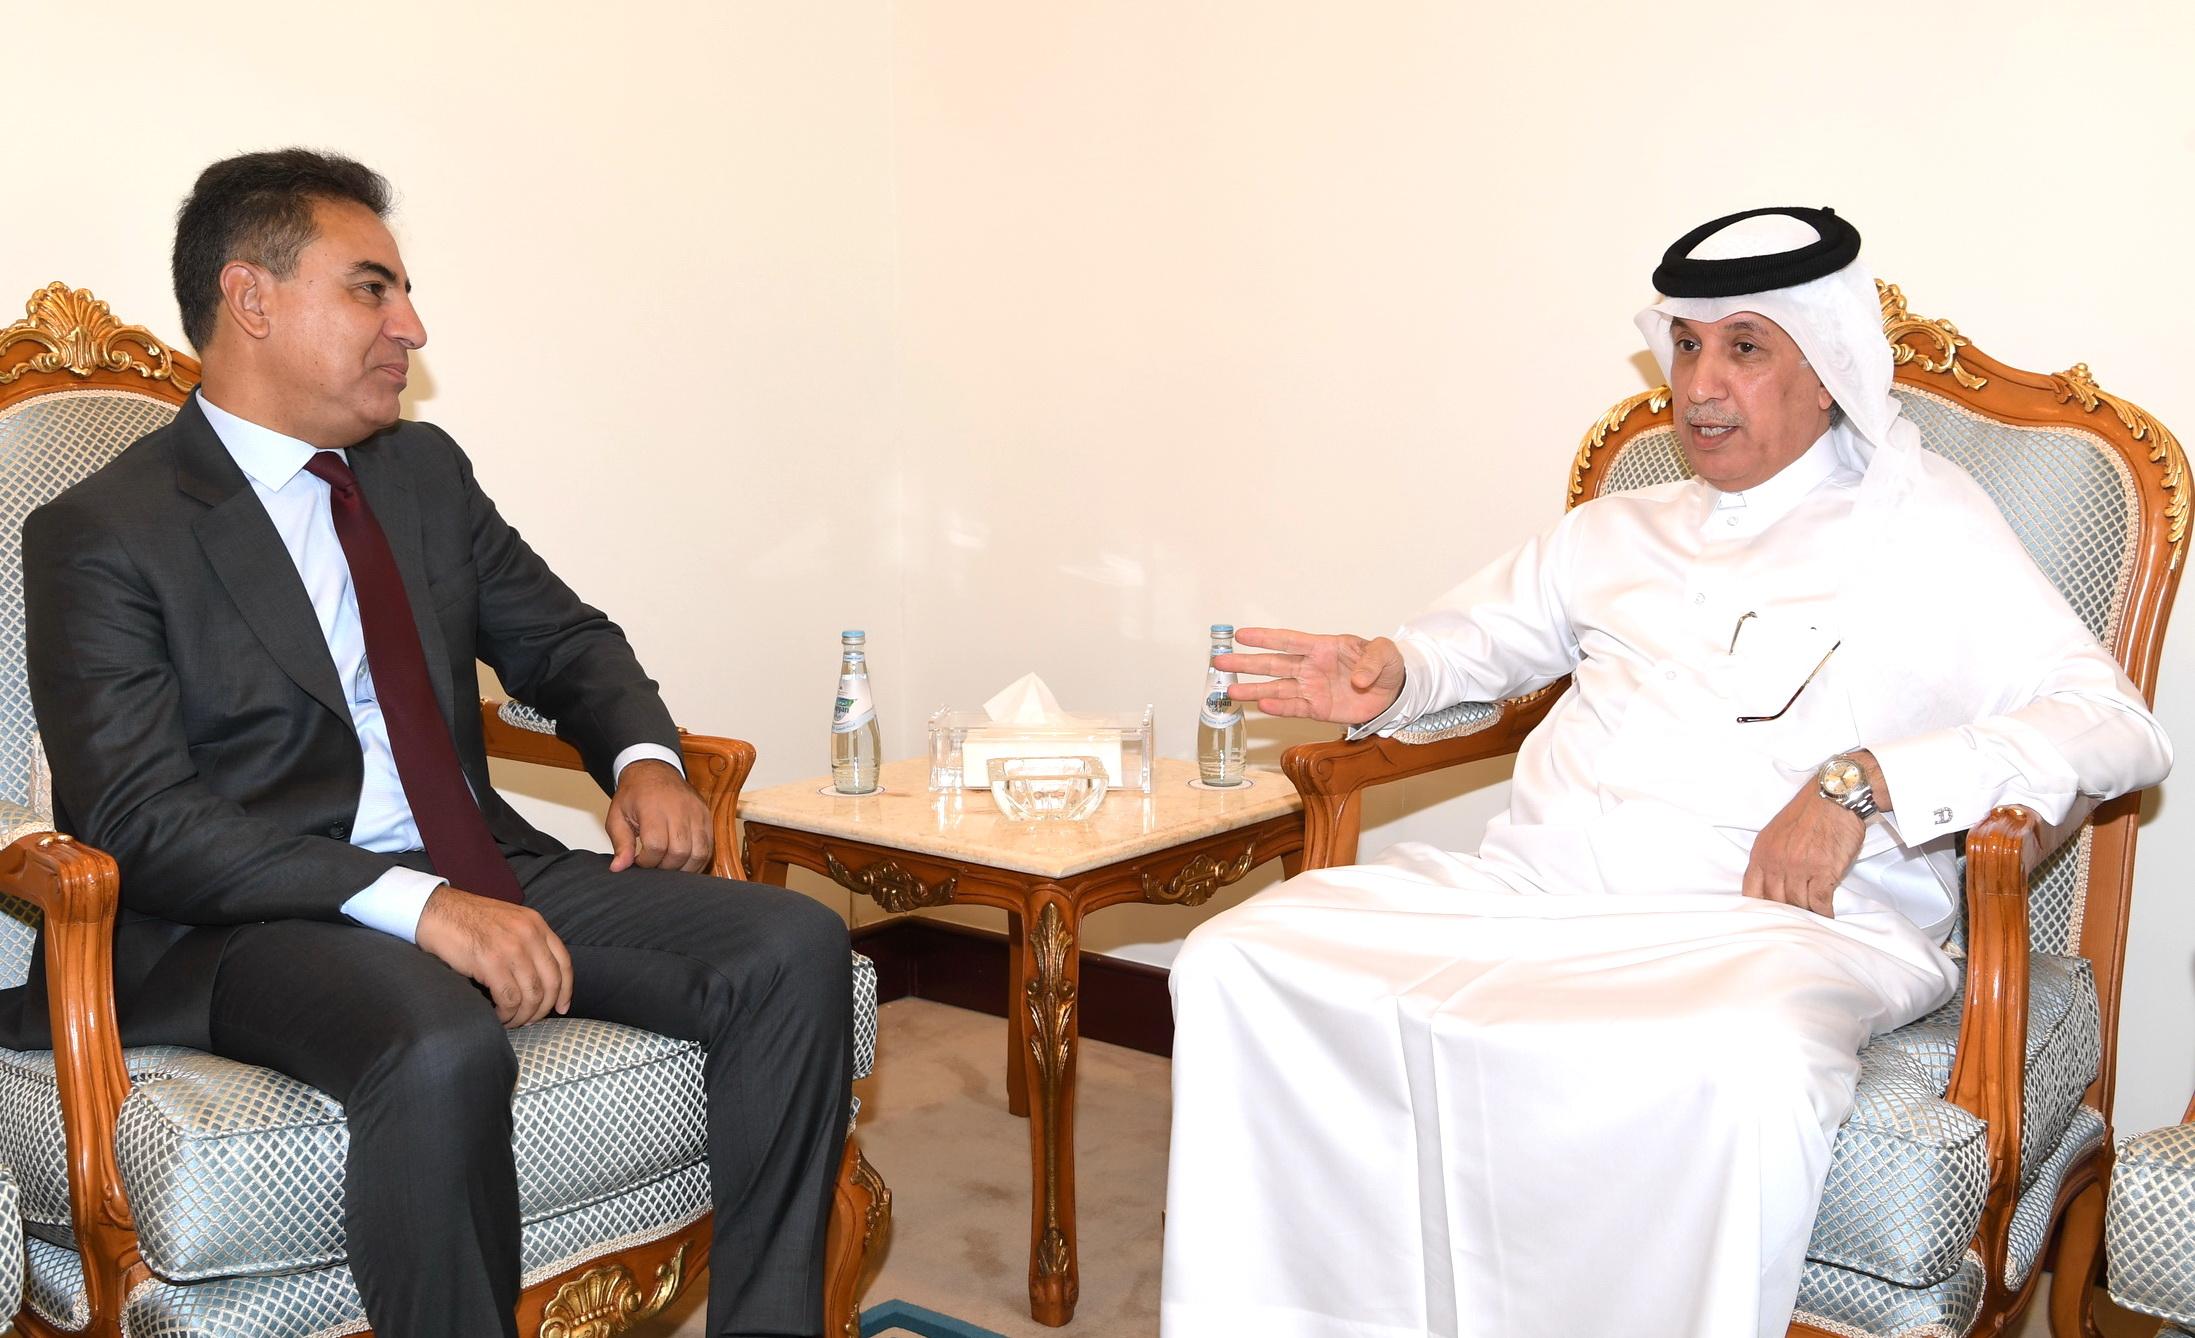 وزير الدولة للشؤون الخارجية يجتمع مع سفيري المغرب واليابان